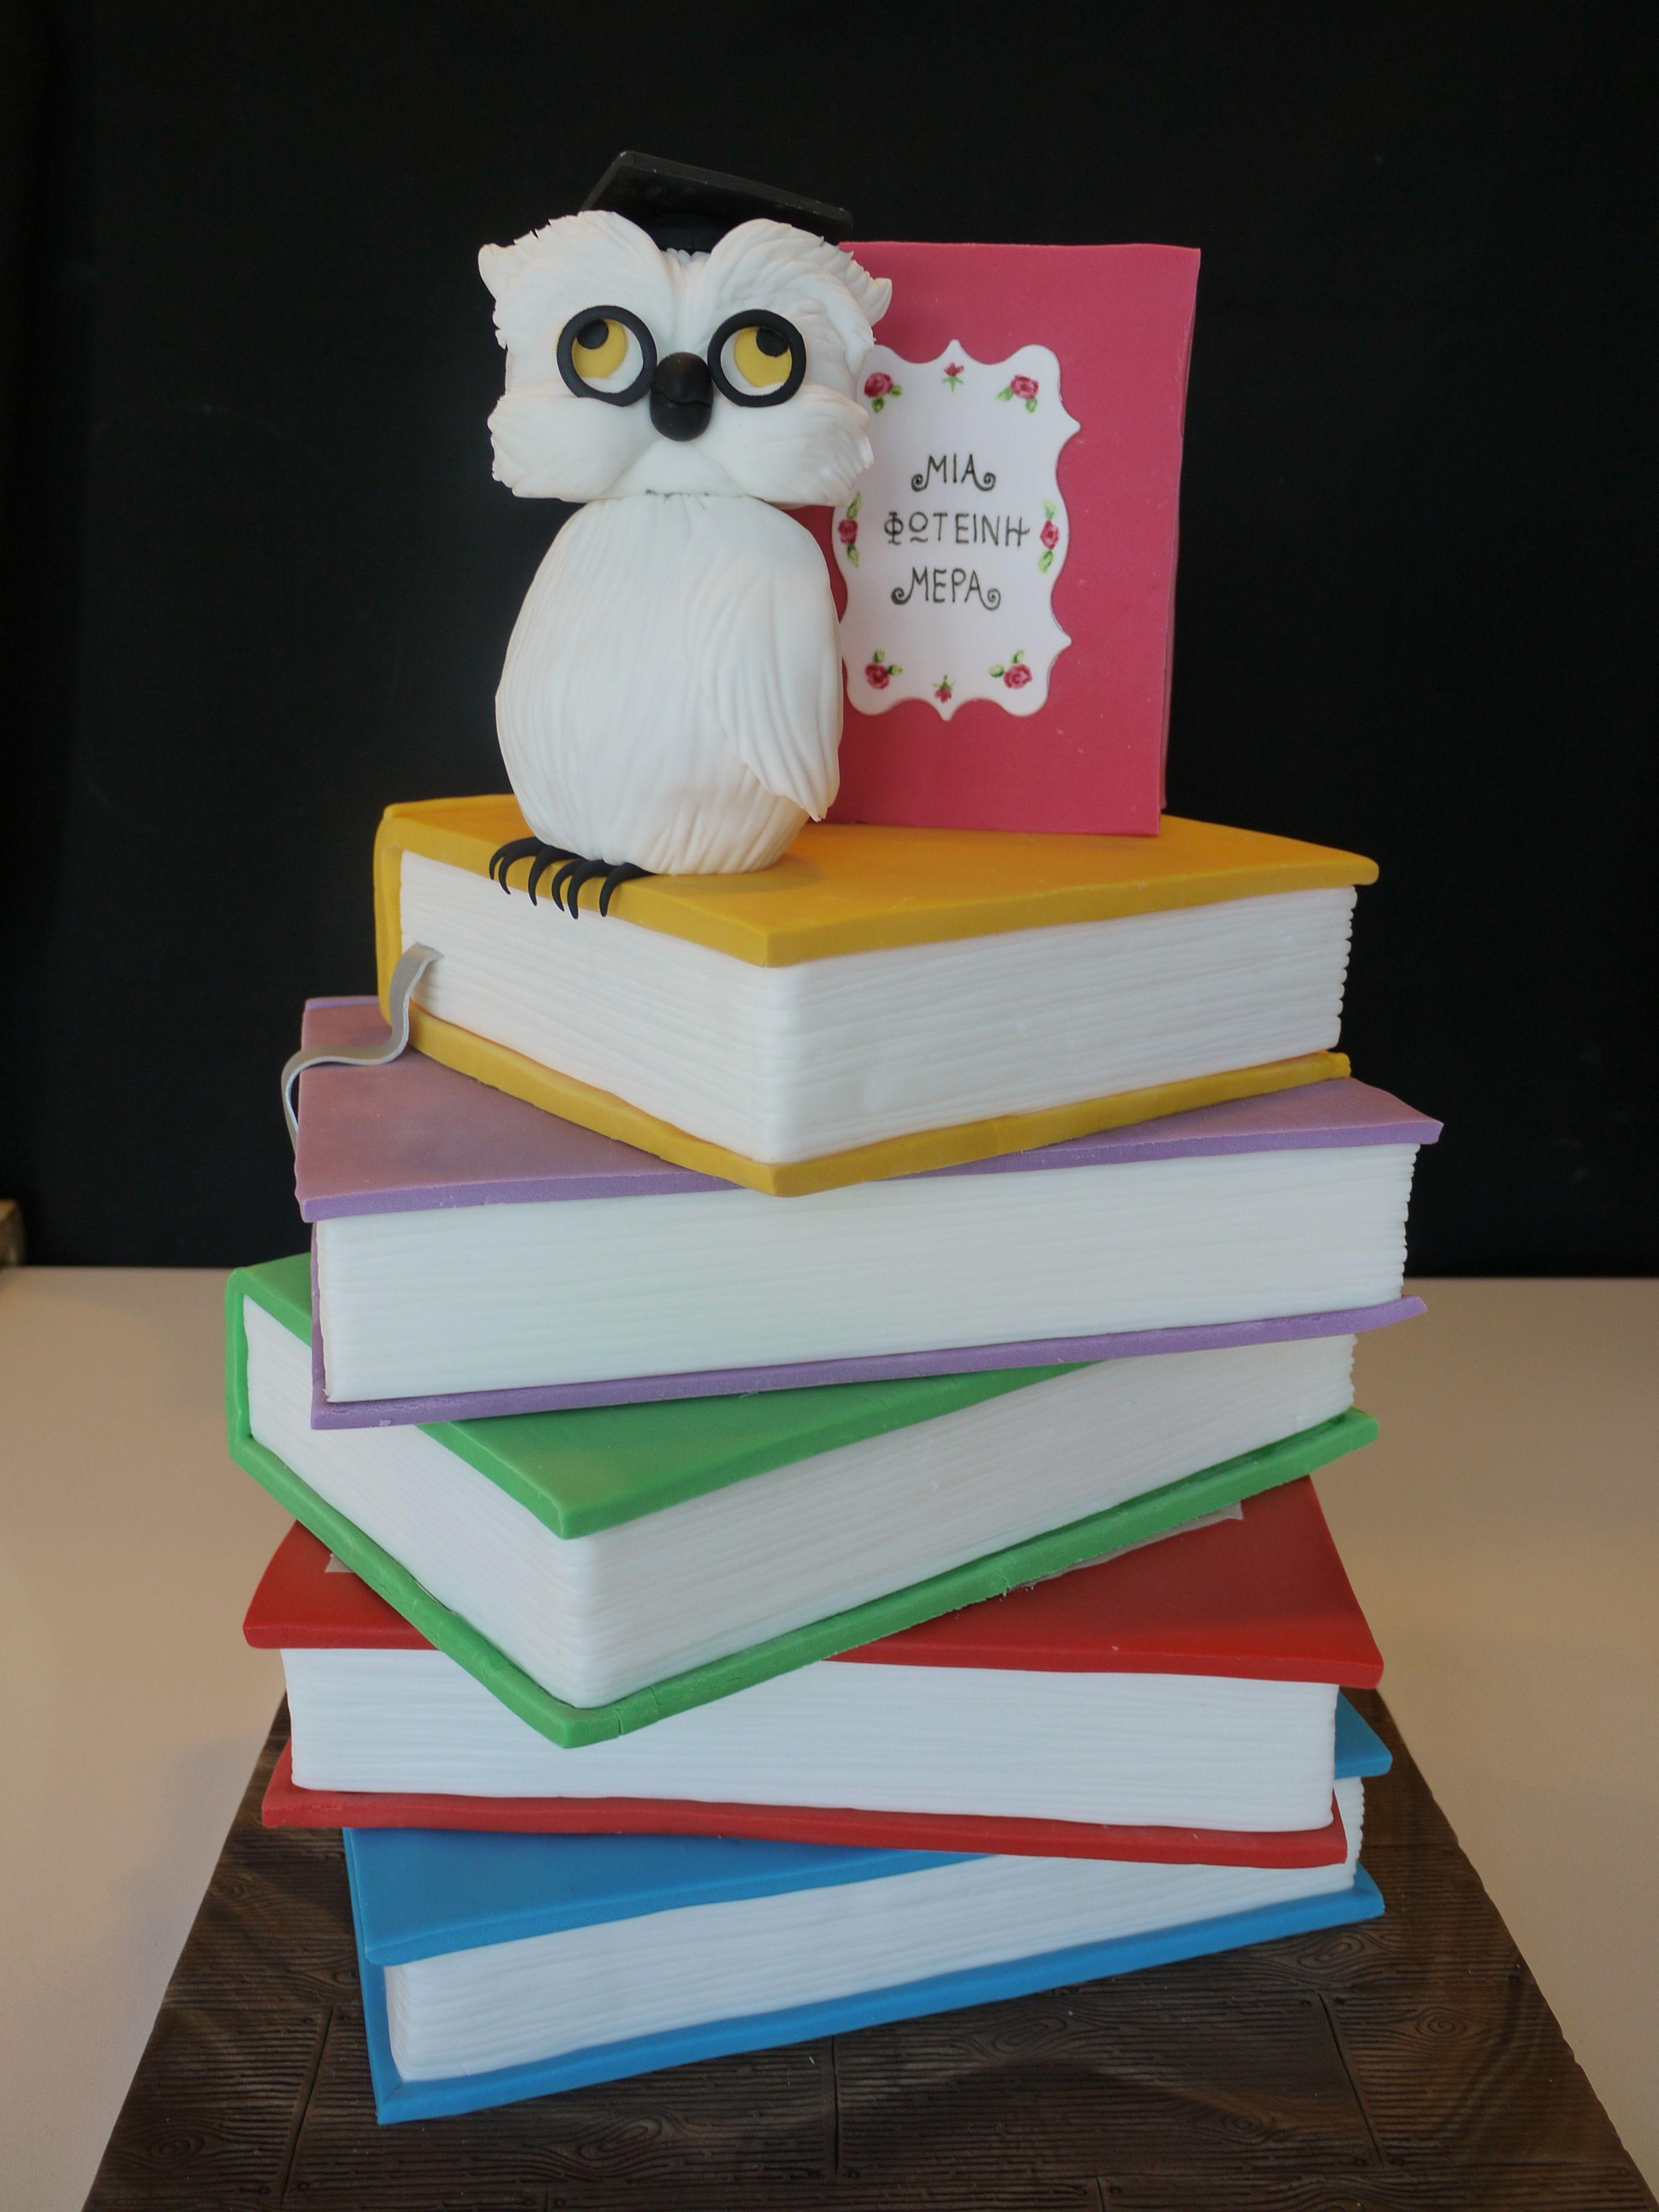 Books And Owl Wisdom Cake